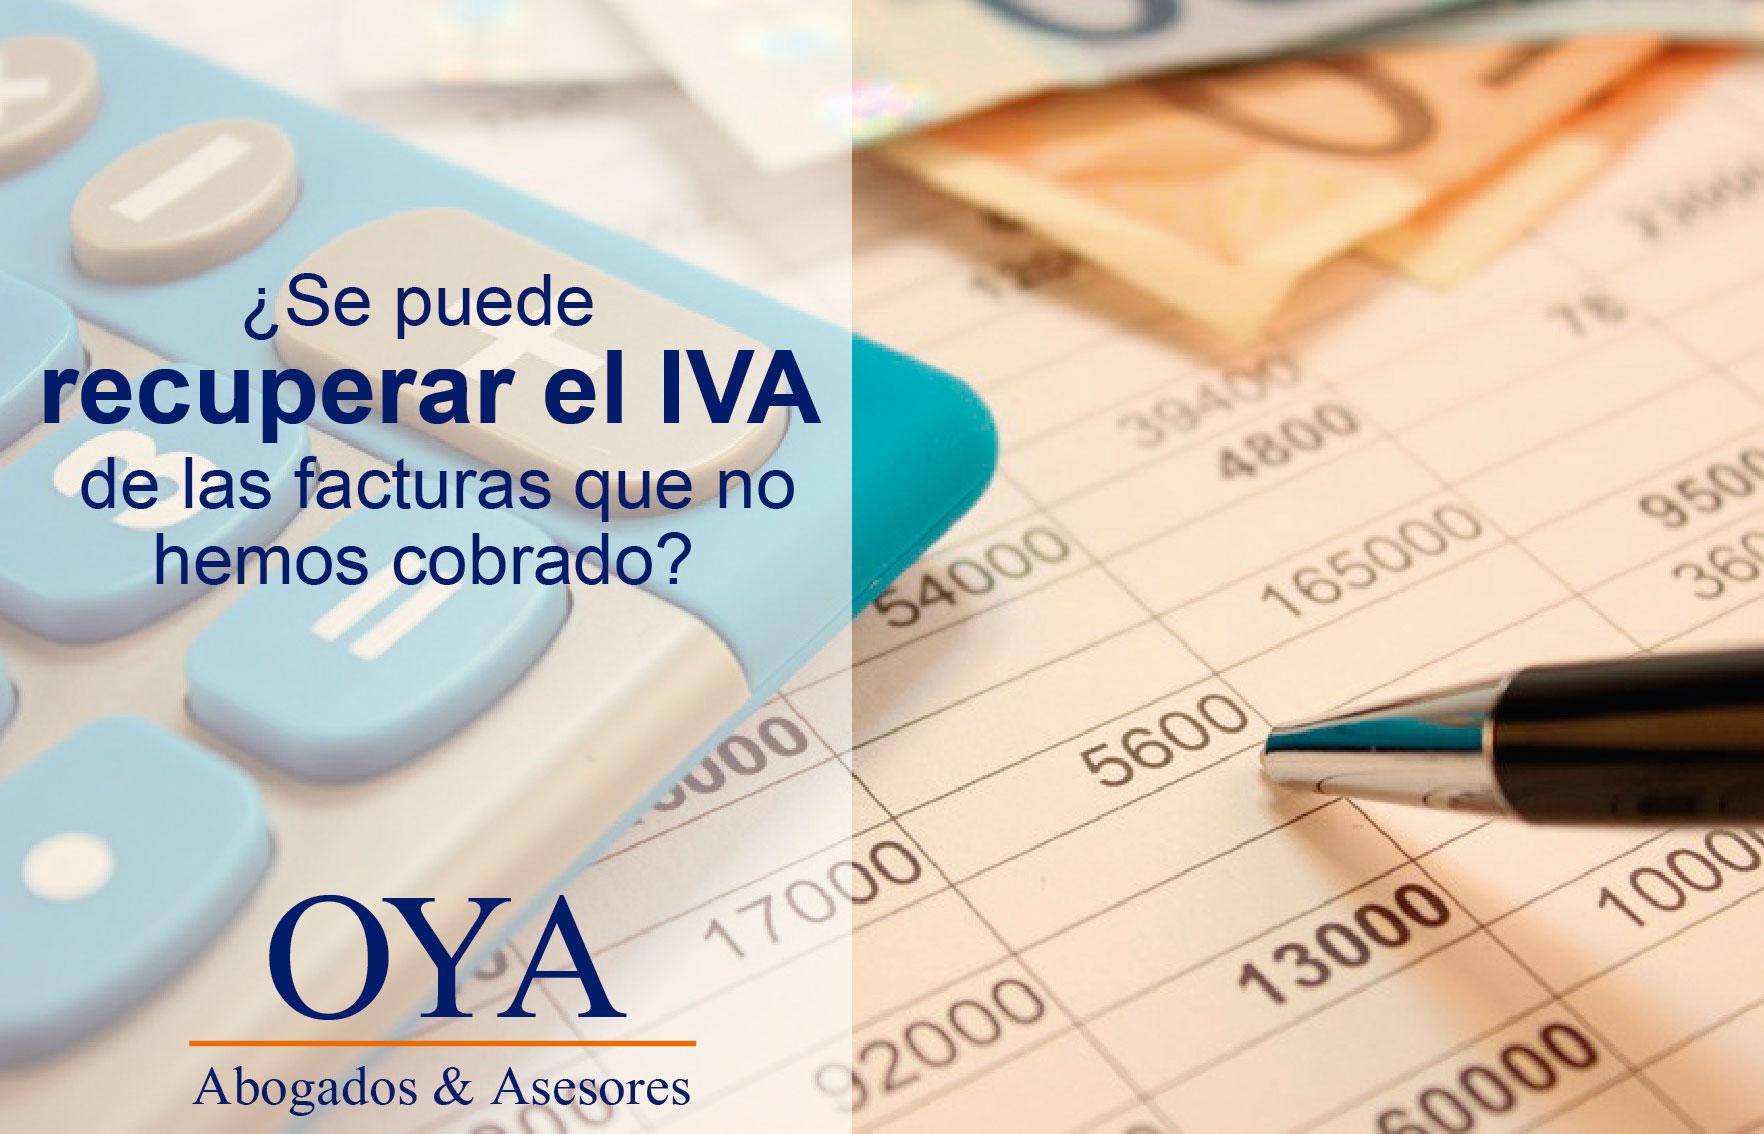 Recupera-el-IVA-de-facturas-que-no-hemos-cobrado-Oya-Abogados-&-Asesores-04